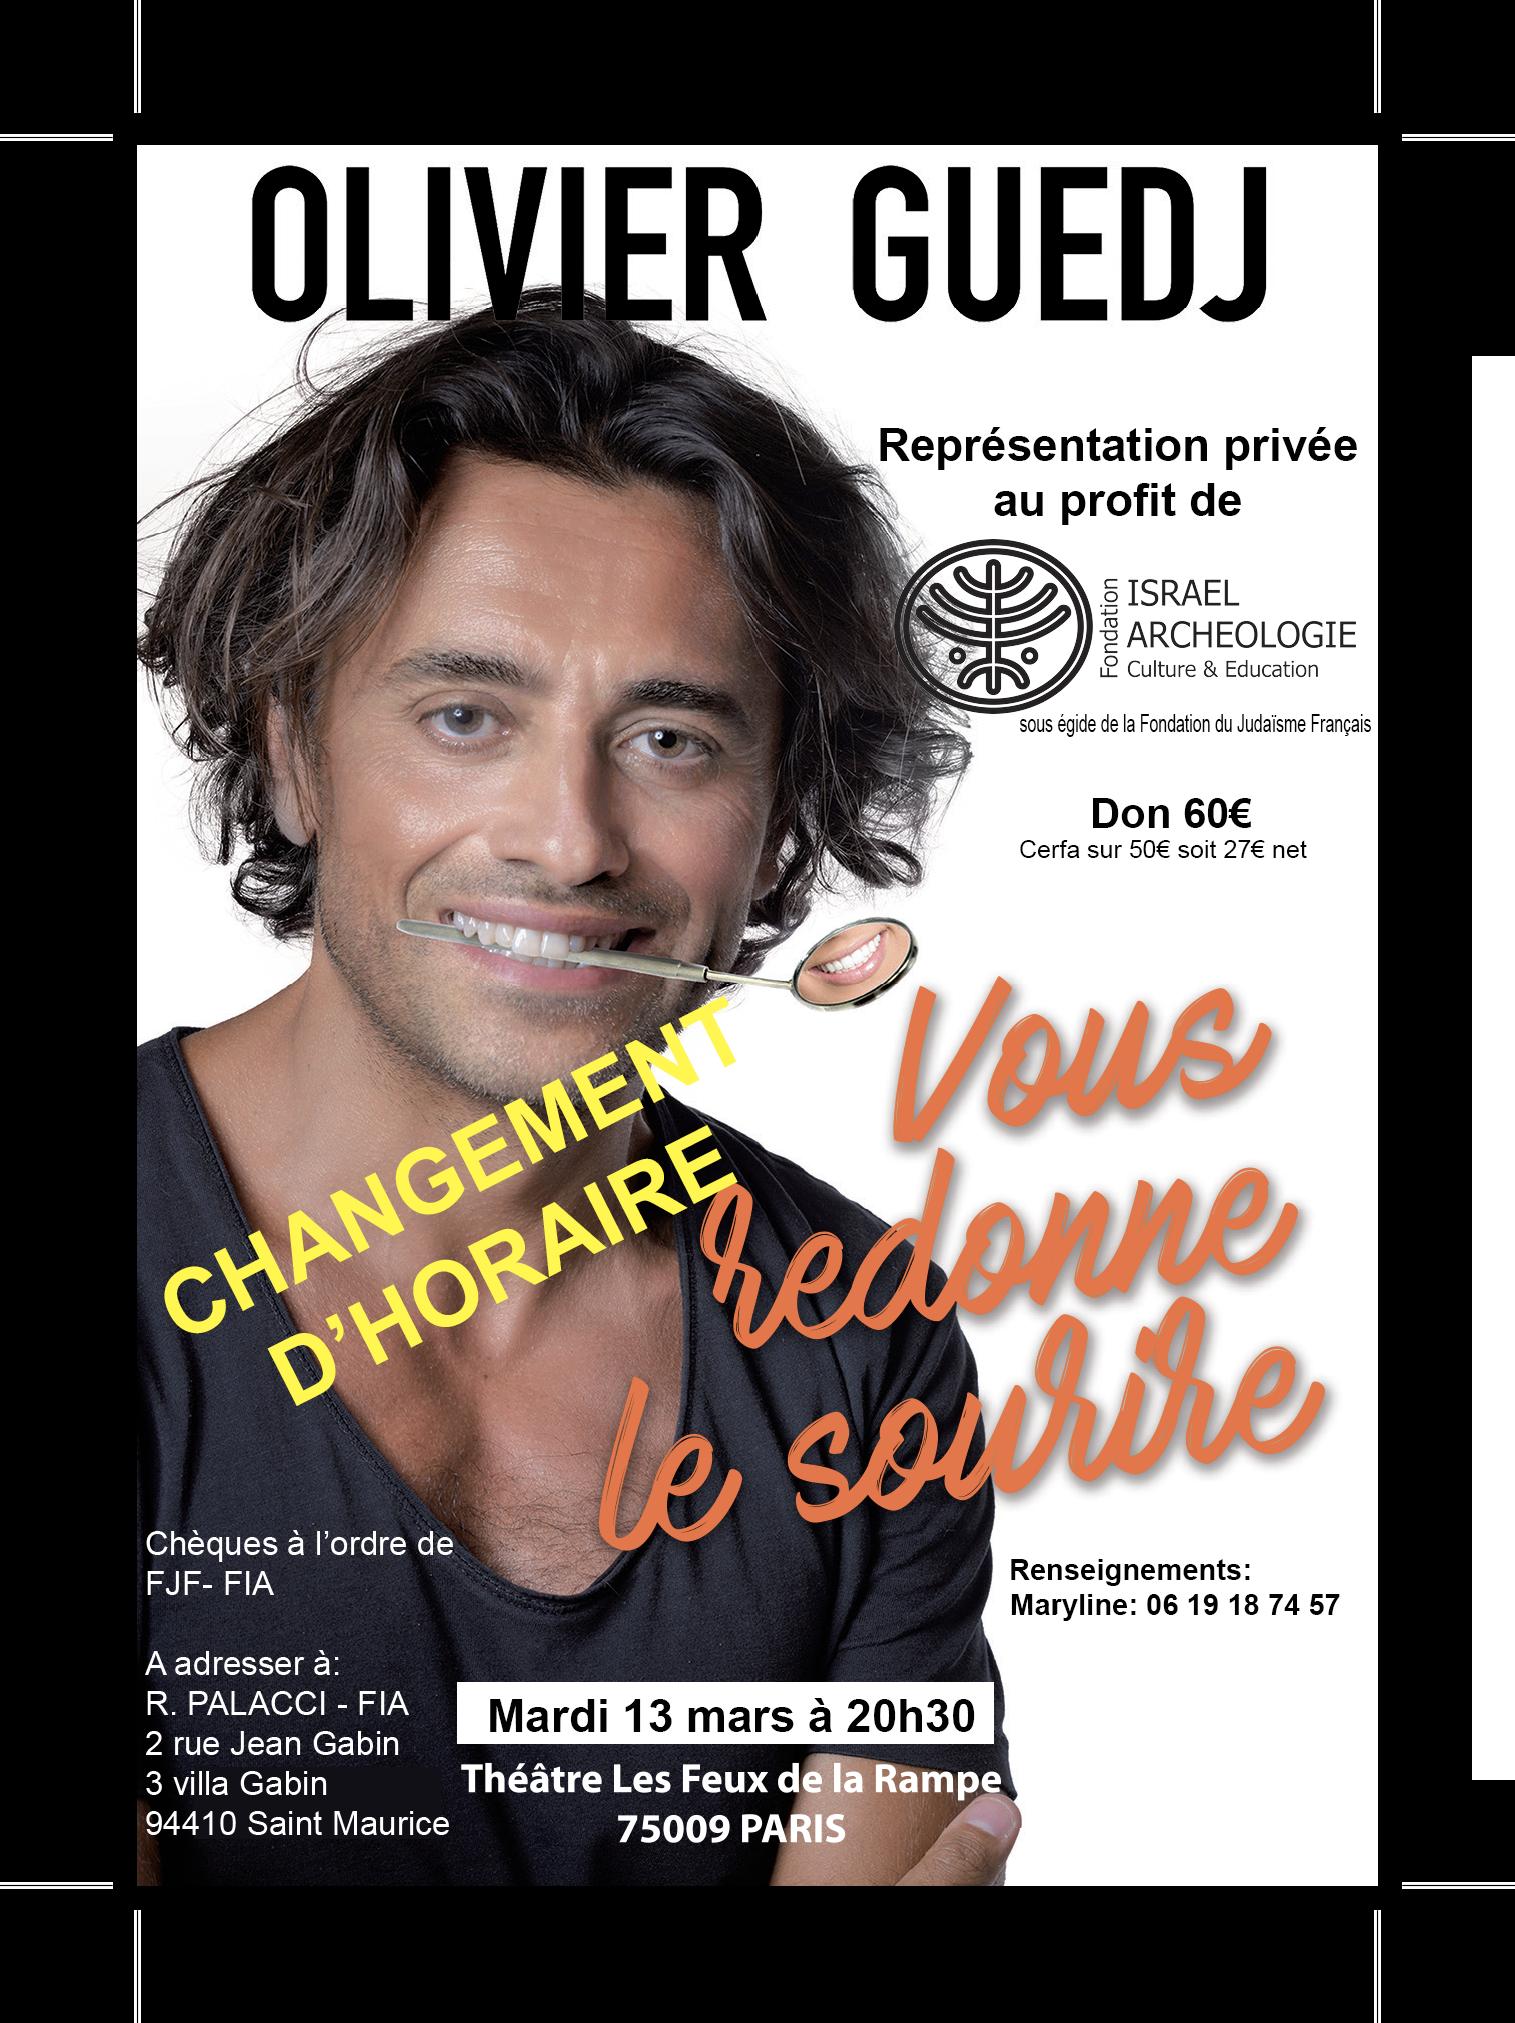 Olivier Guedj - Vous redonne le sourire